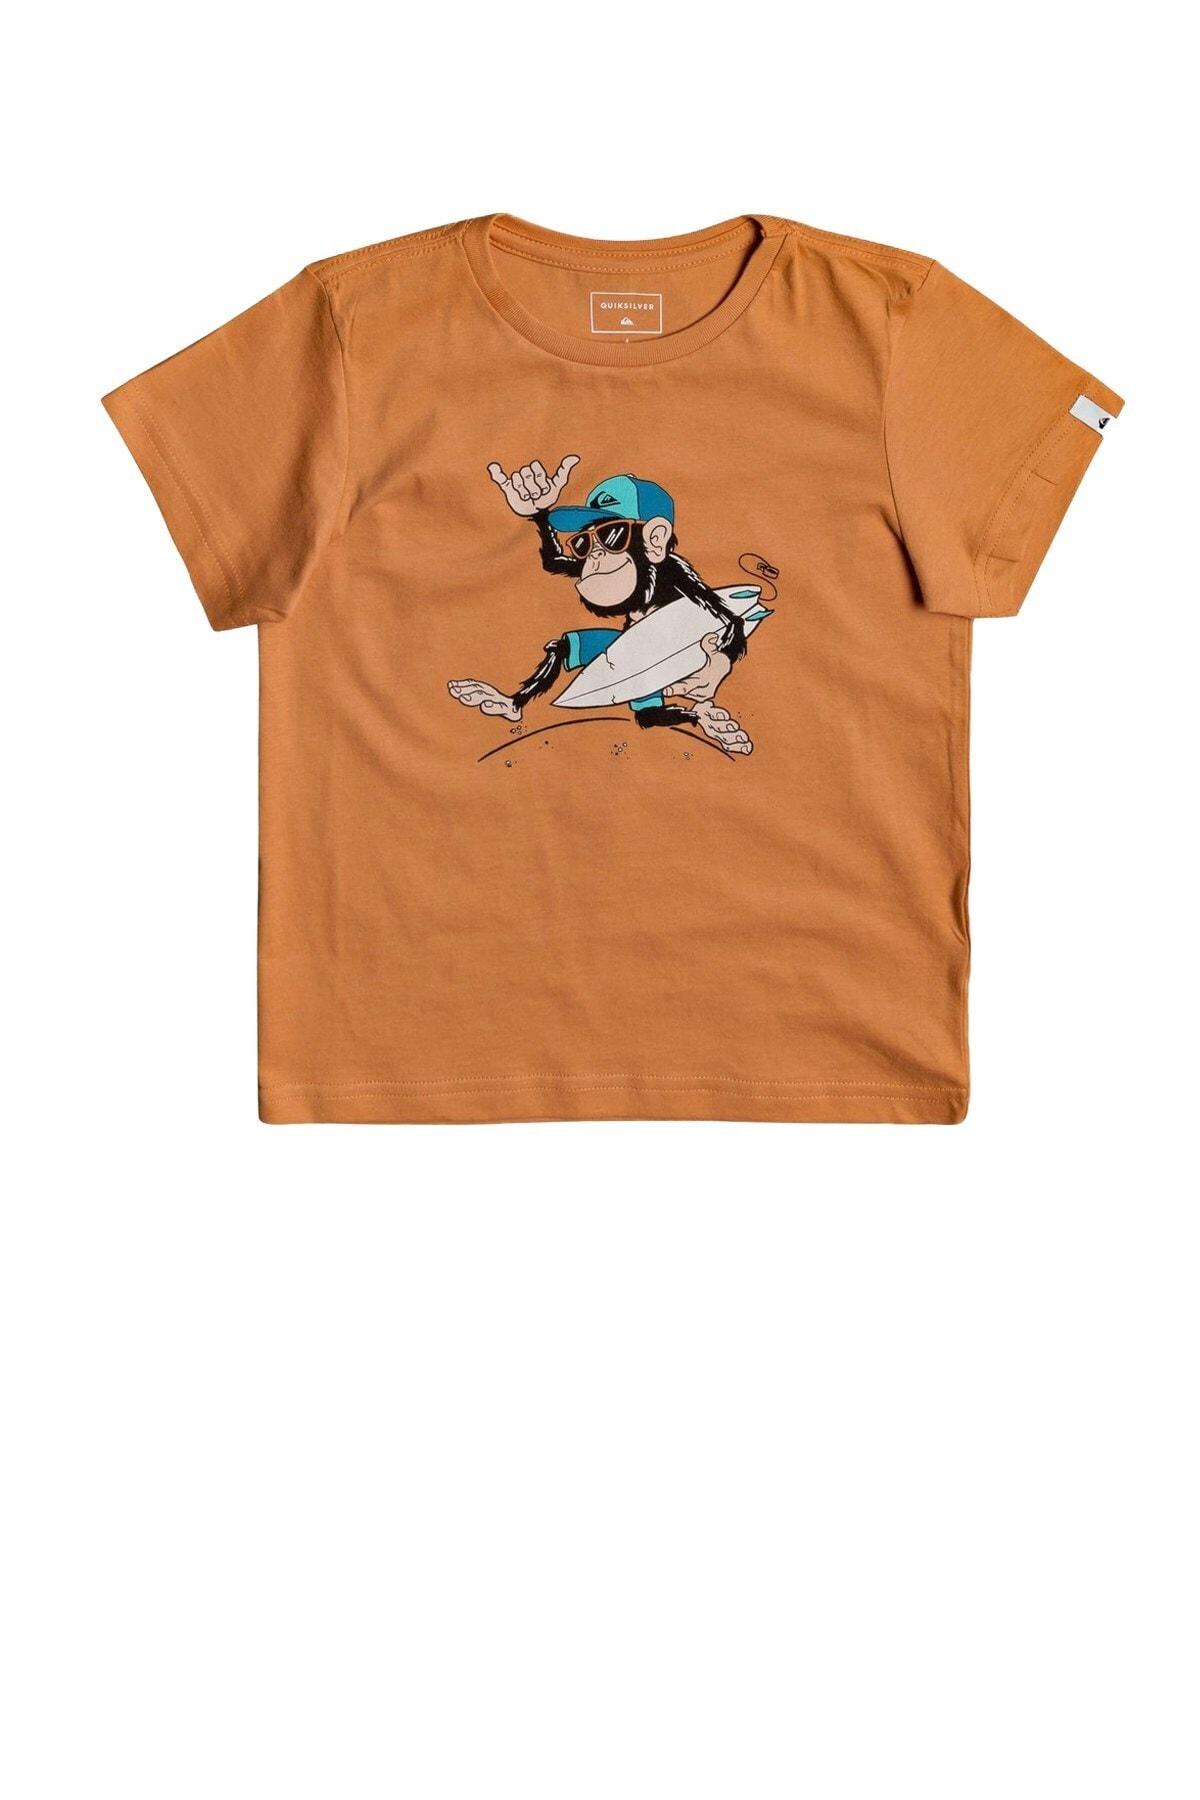 Quiksilver Erkek Çocuk Turuncu Banalleys Boy T-shirt Eqkzt03372-nlf0 1